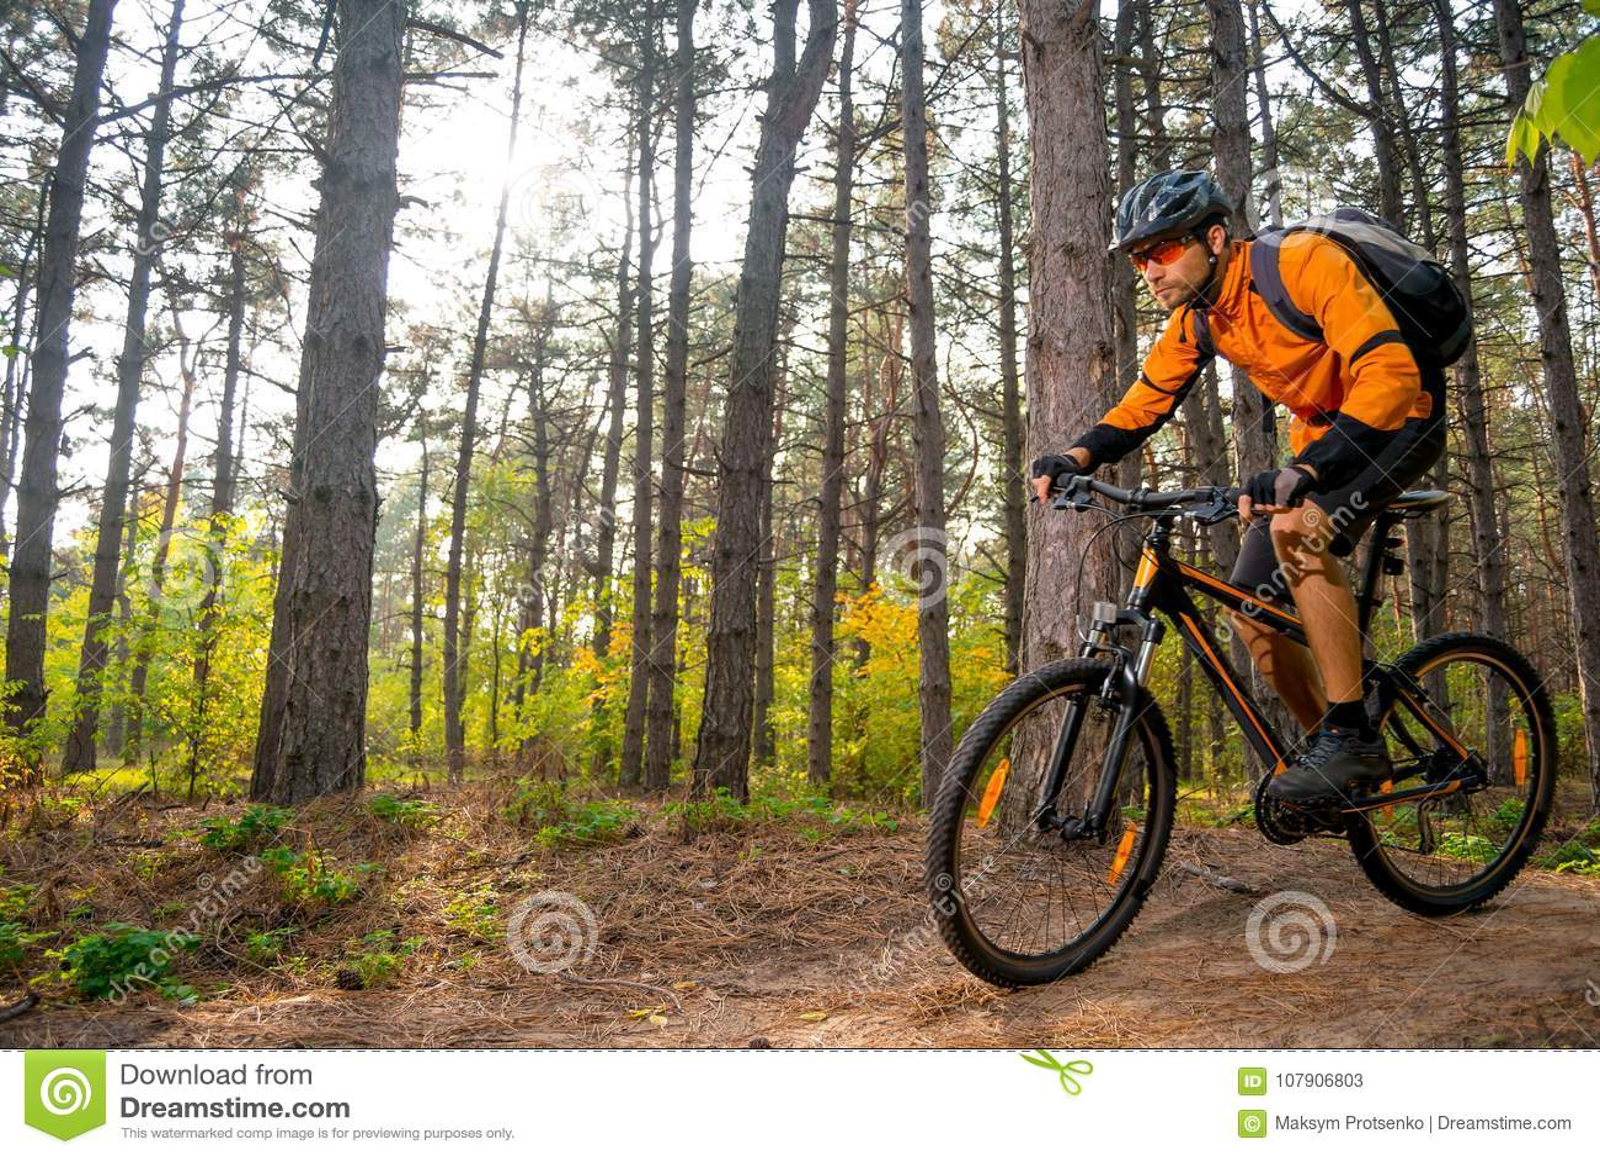 Ποδηλάτης στο πορτοκάλι που οδηγά το ποδήλατο βουνών στο ίχνος στο όμορφο δασικό LIT πεύκων από το φωτεινό ήλιο